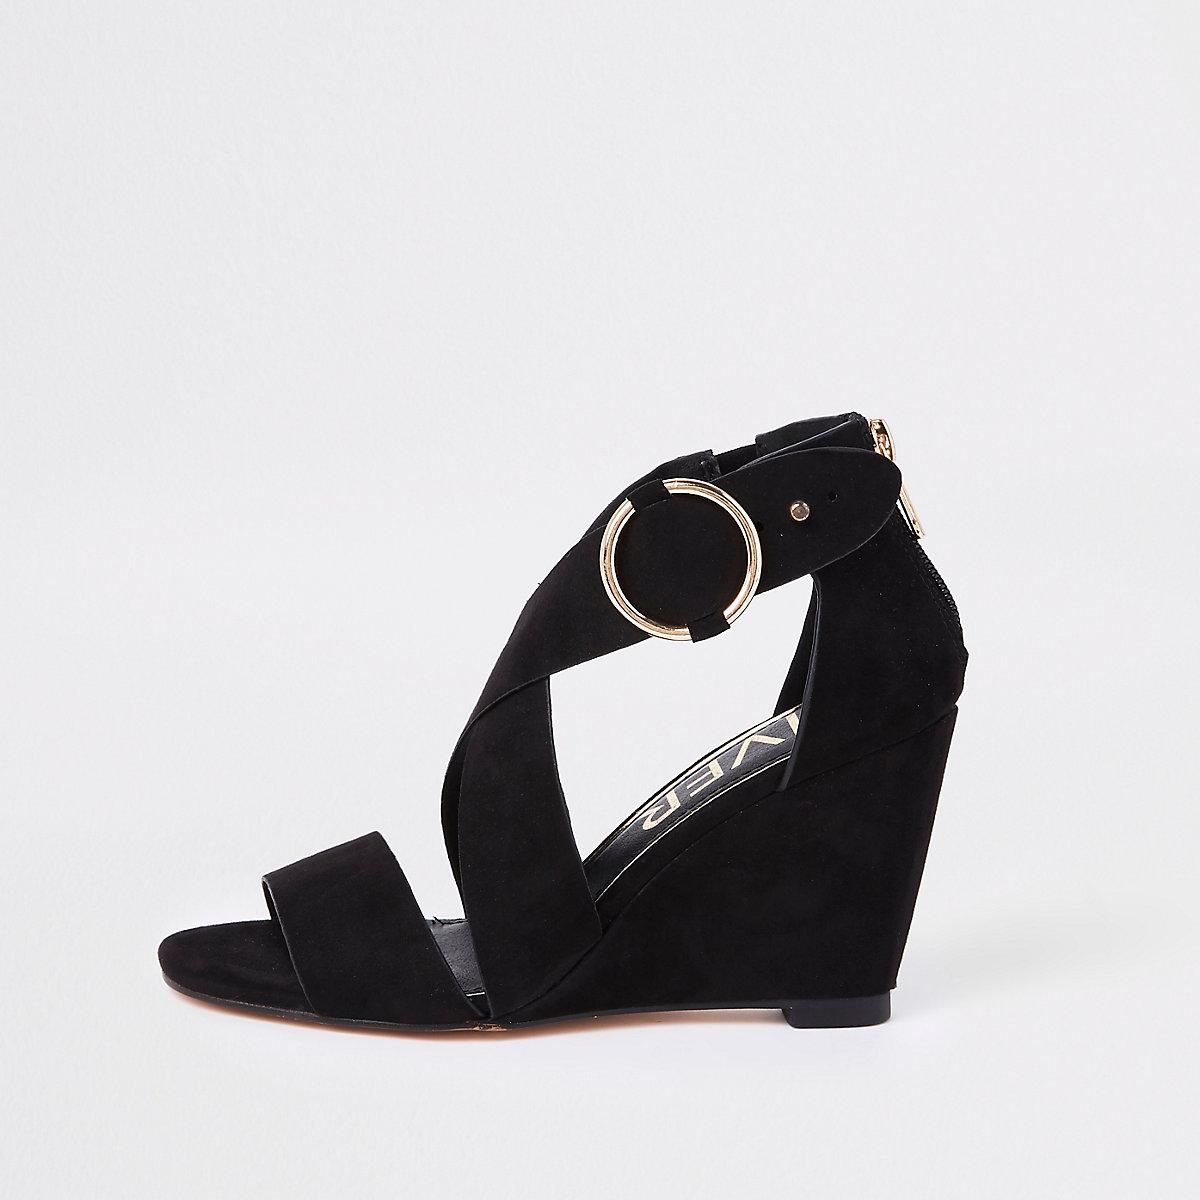 Zwarte sandalen met sleehak en gekruiste bandjes